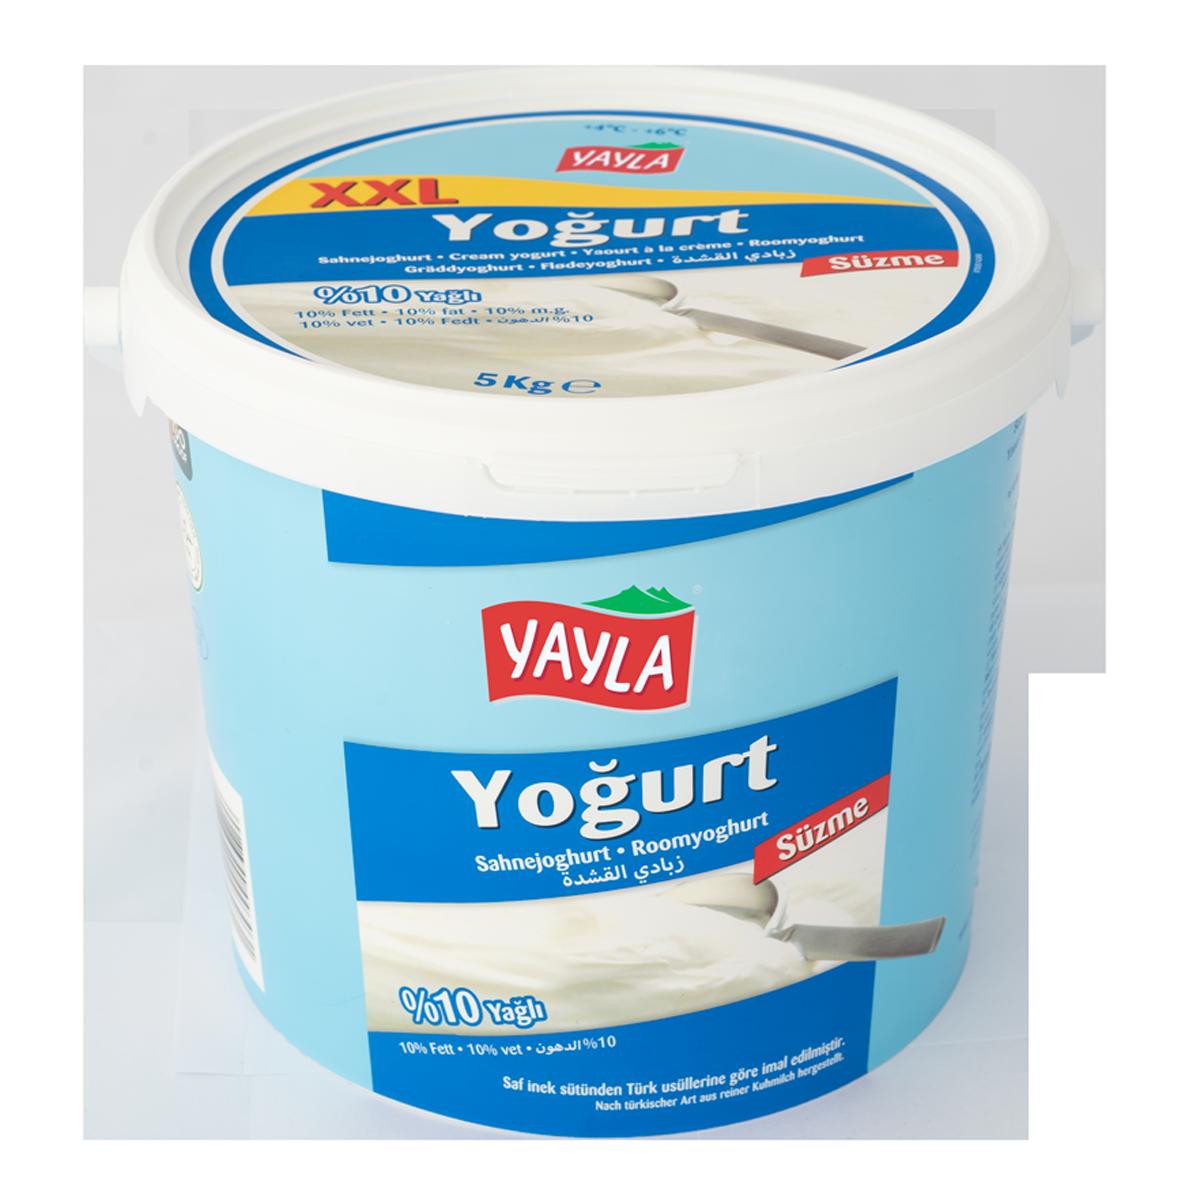 Sahne-Joghurt (10% Fett)